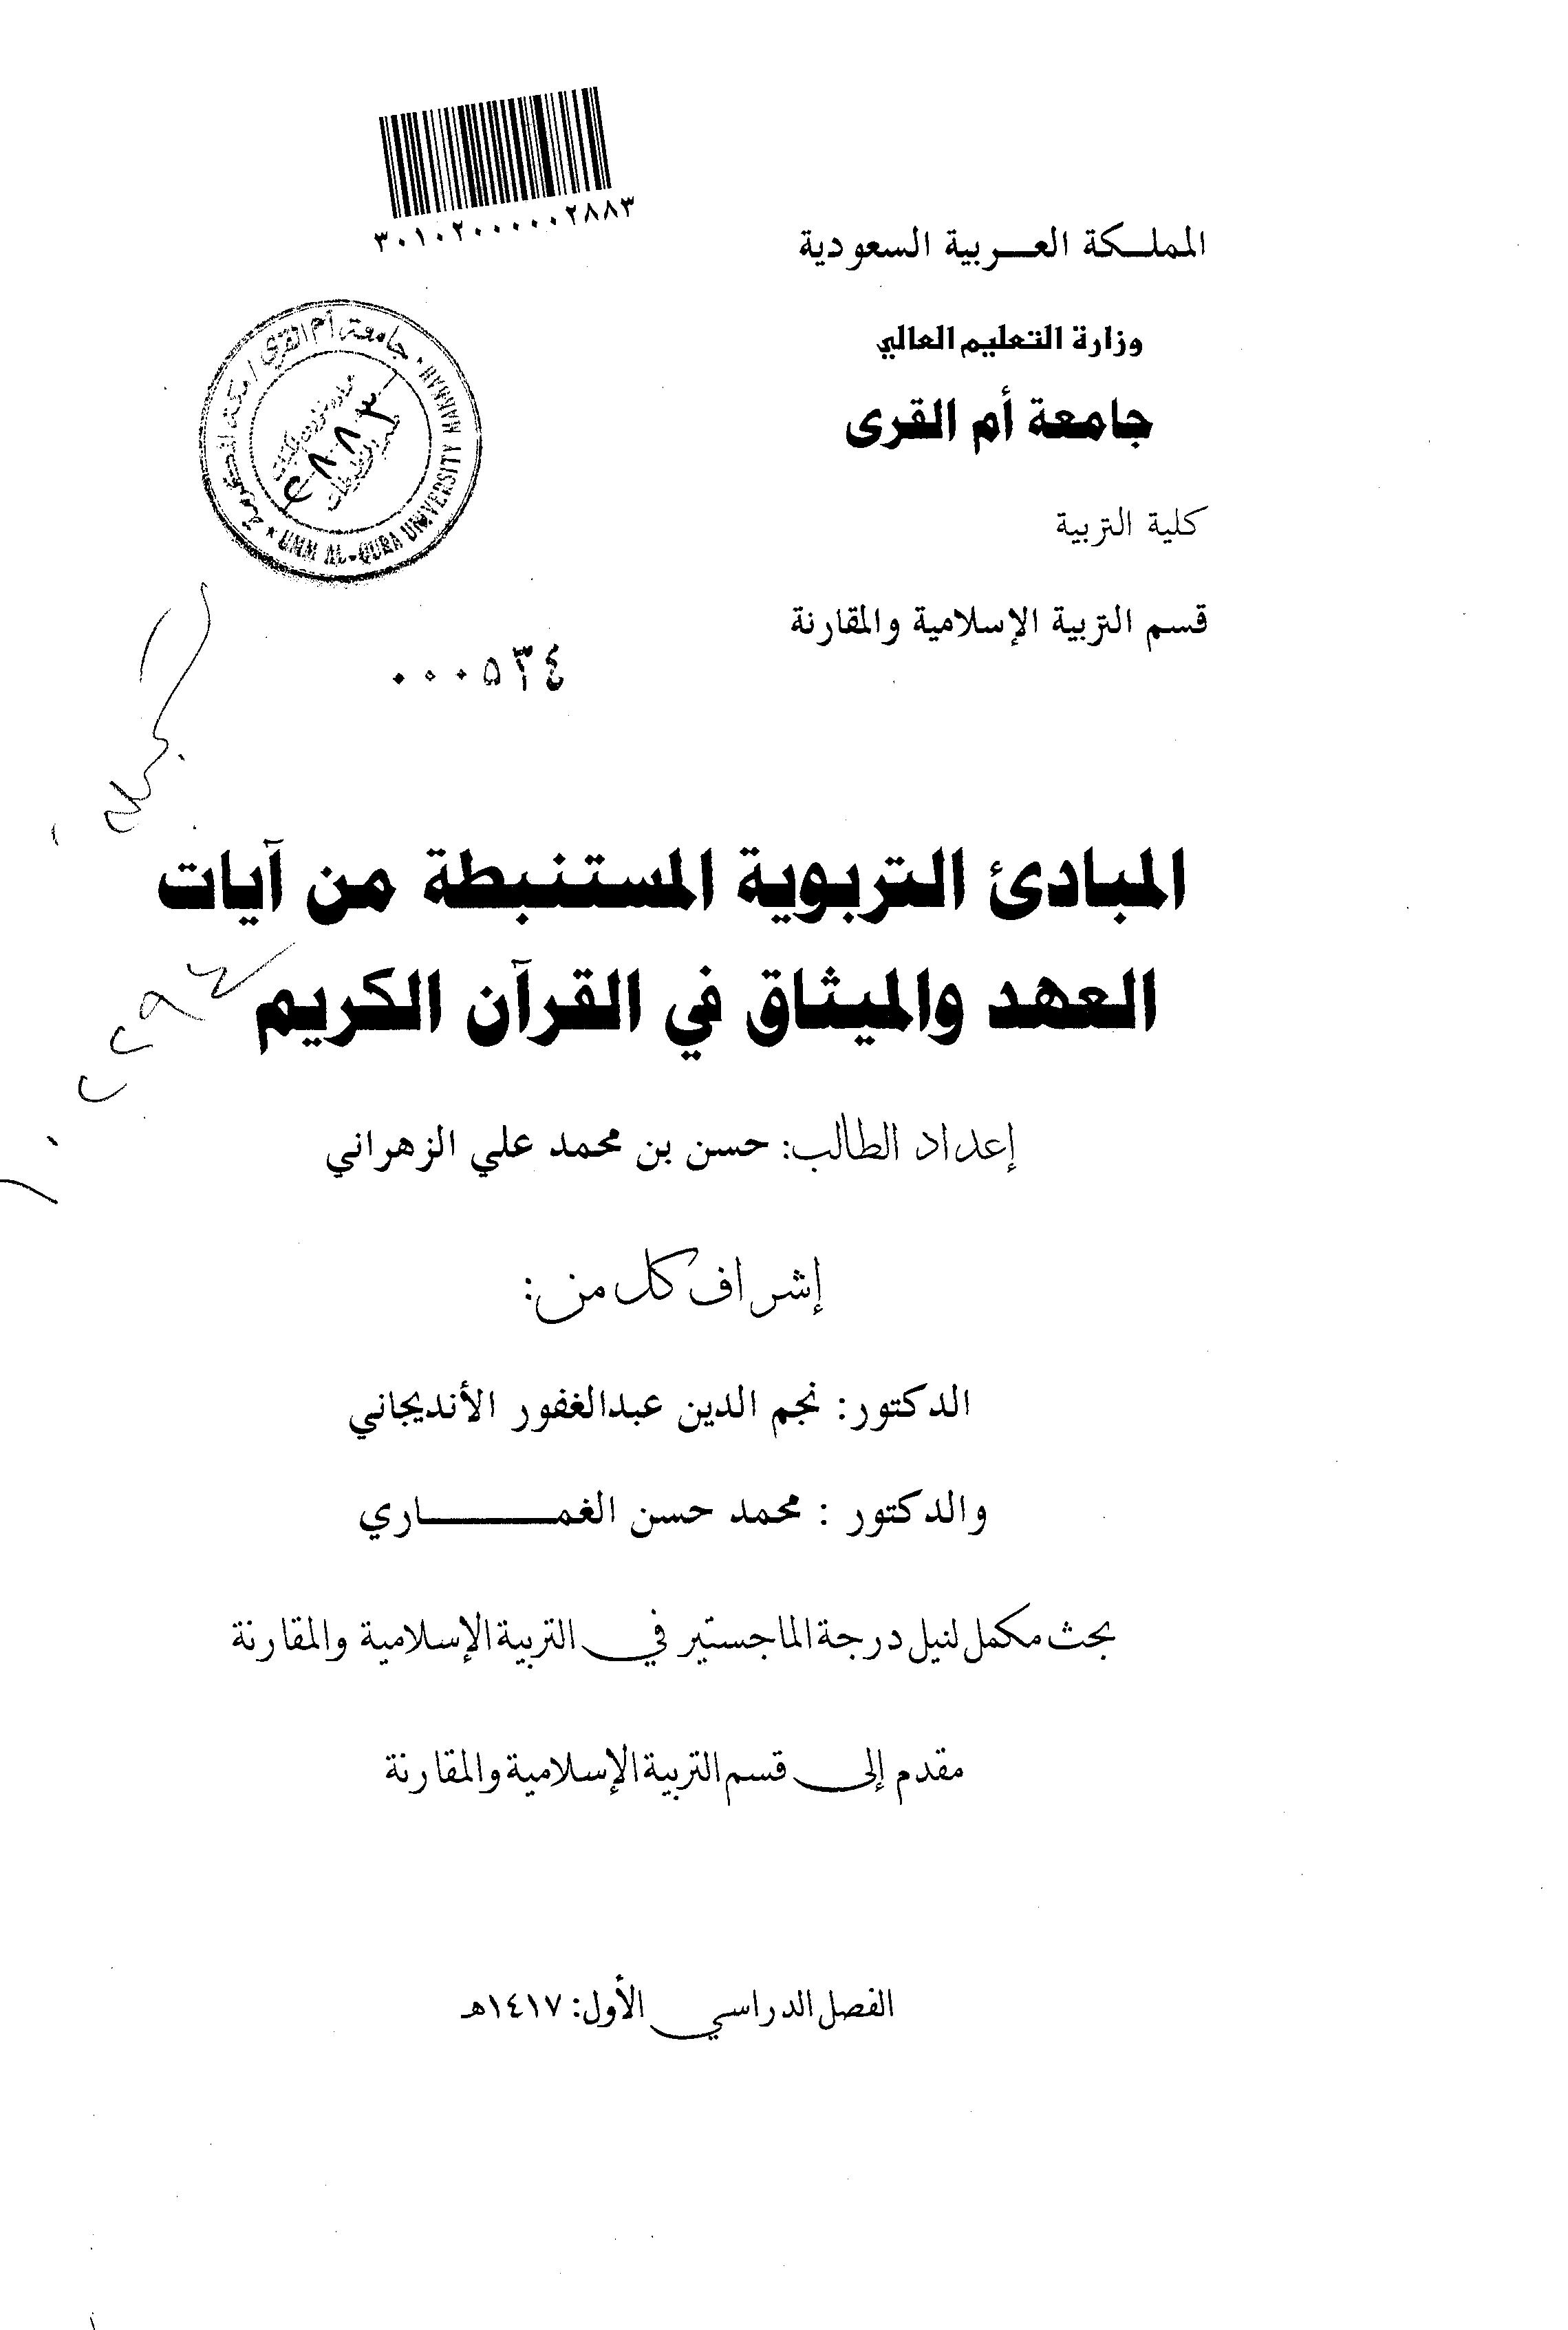 المبادئ التربوية المستنبطة من آيات العهد والميثاق في القرآن الكريم - حسن بن محمد علي الزهراني